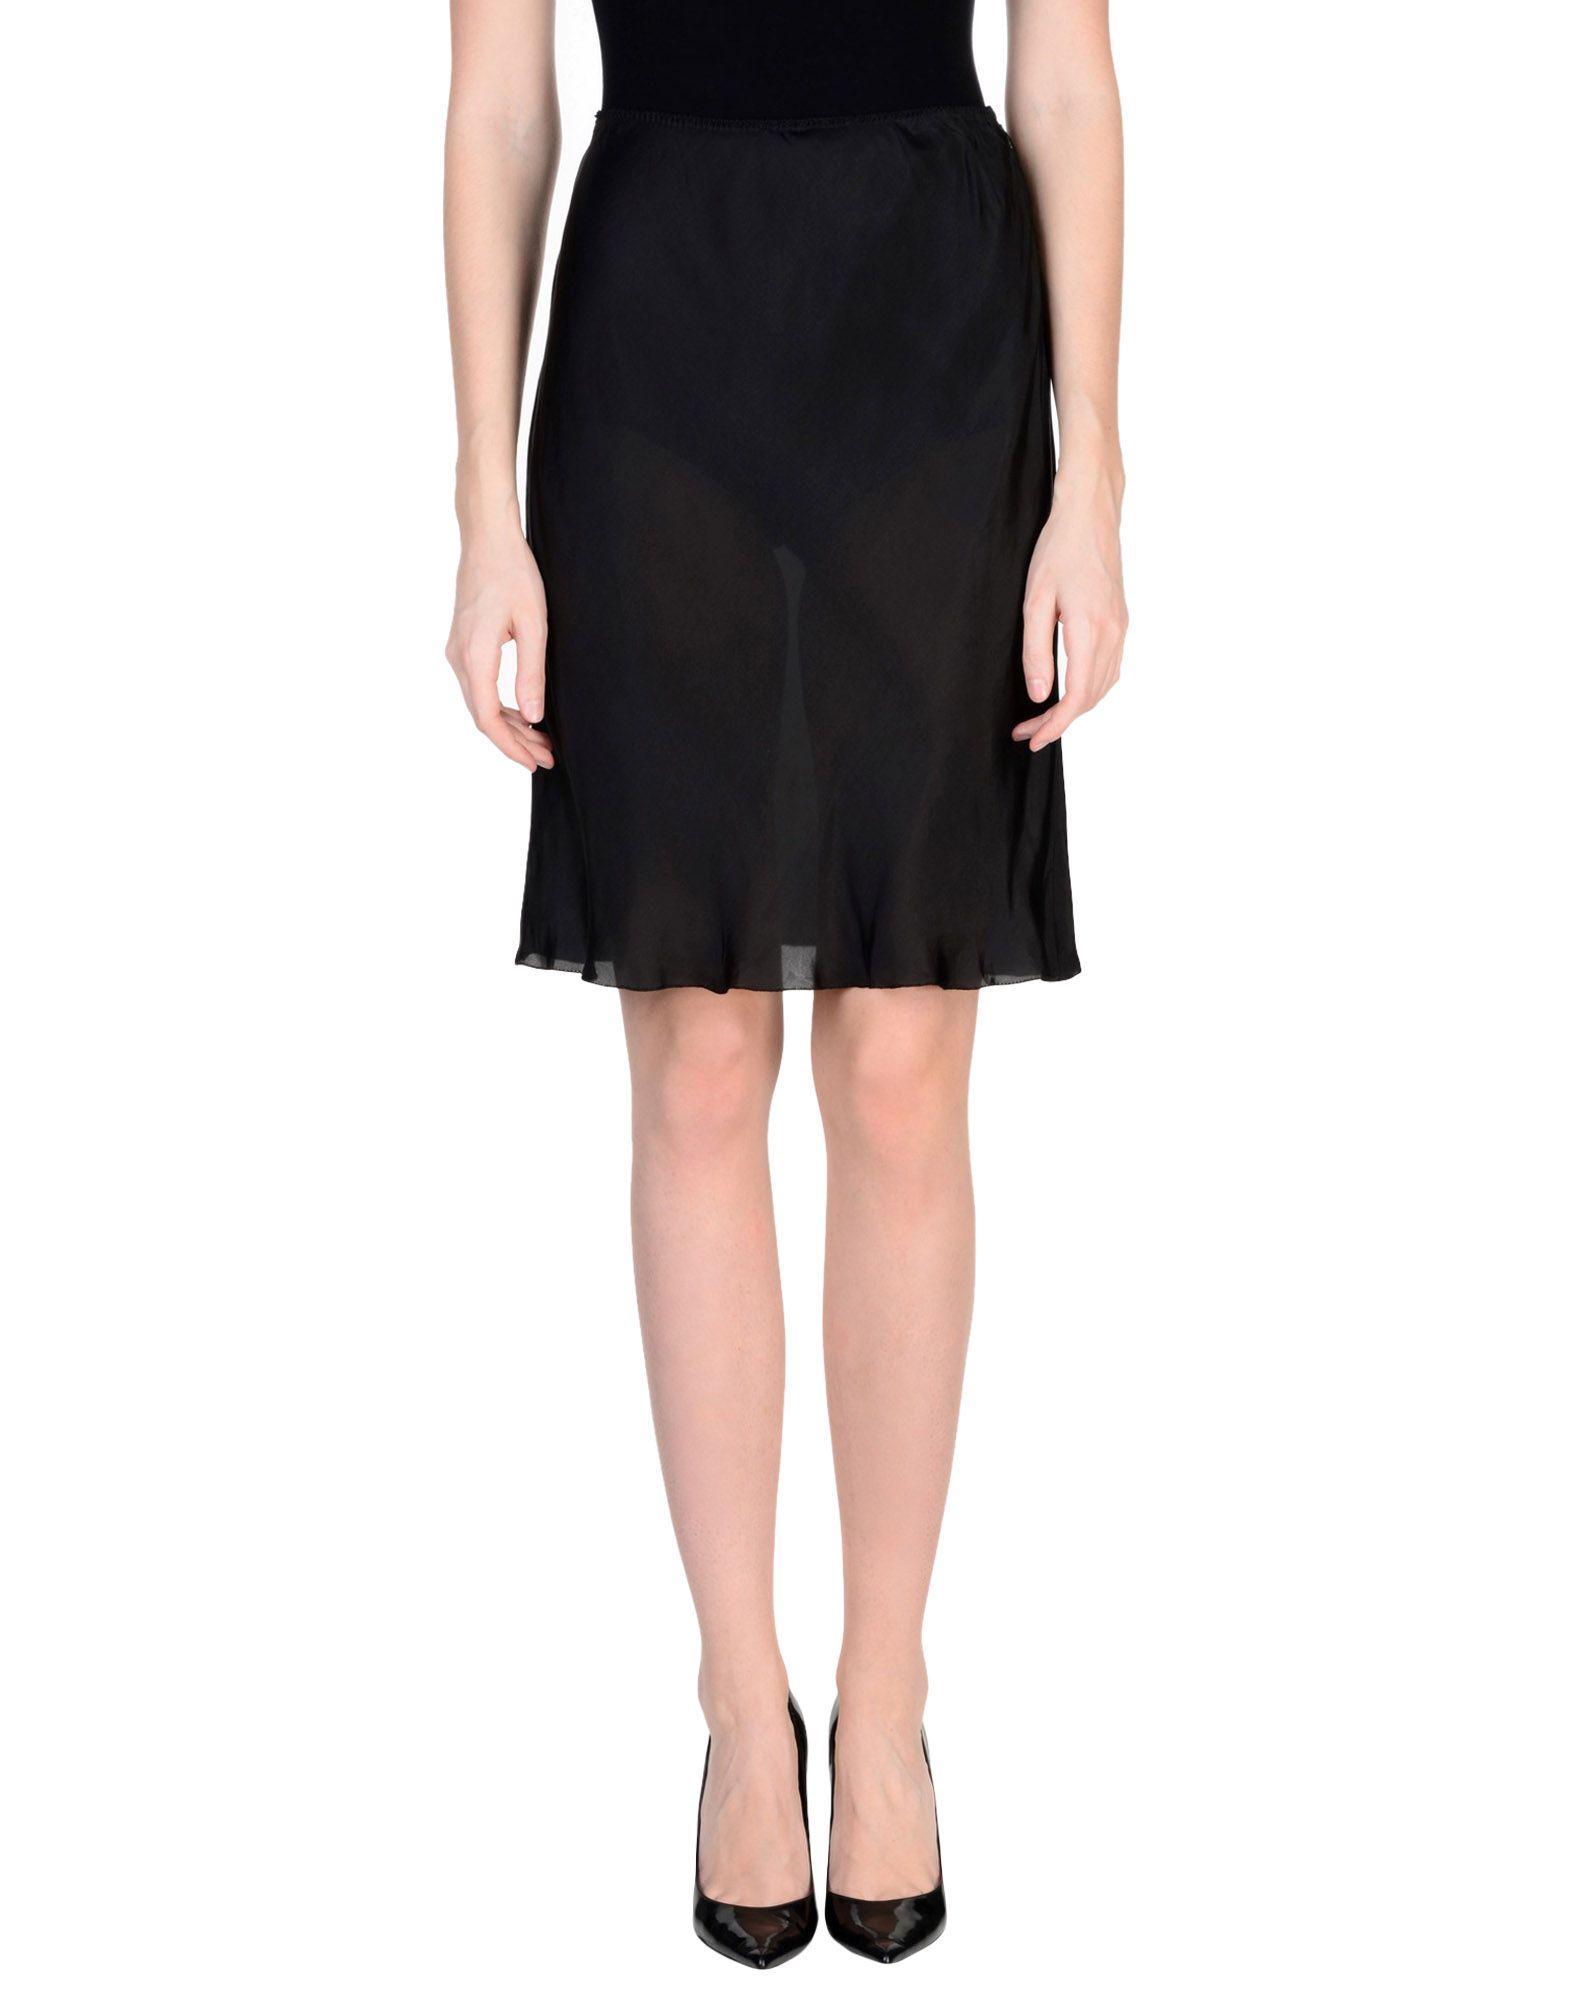 Miu Miu Knee Length Skirt In Black